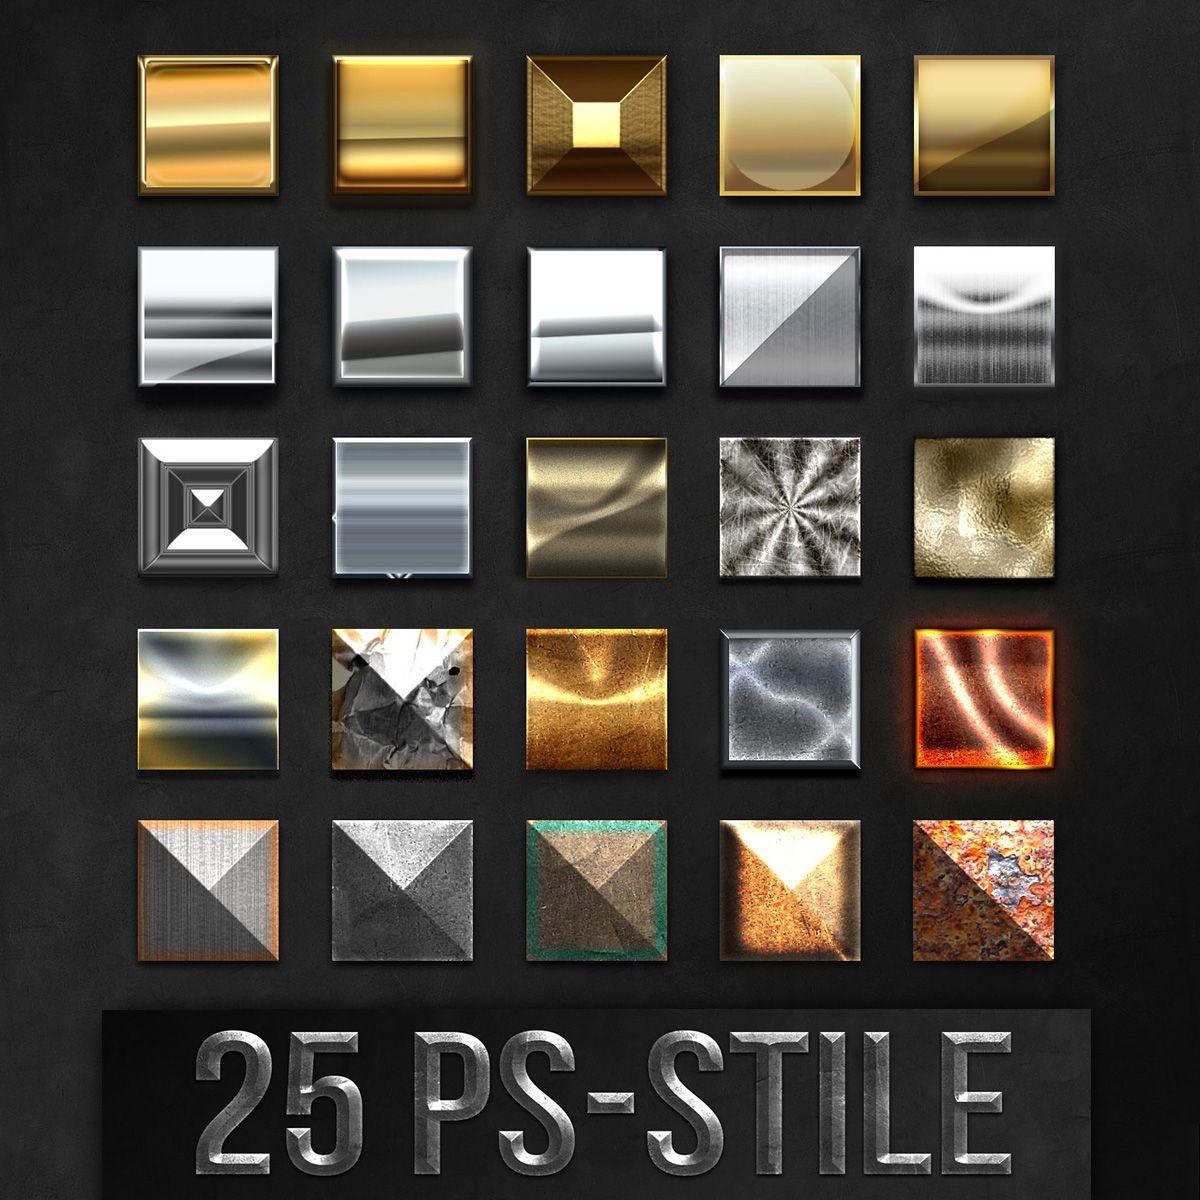 Photoshop Stile Fur Markante Metalleffekte Download Photoshop Shops Bilder Effekte